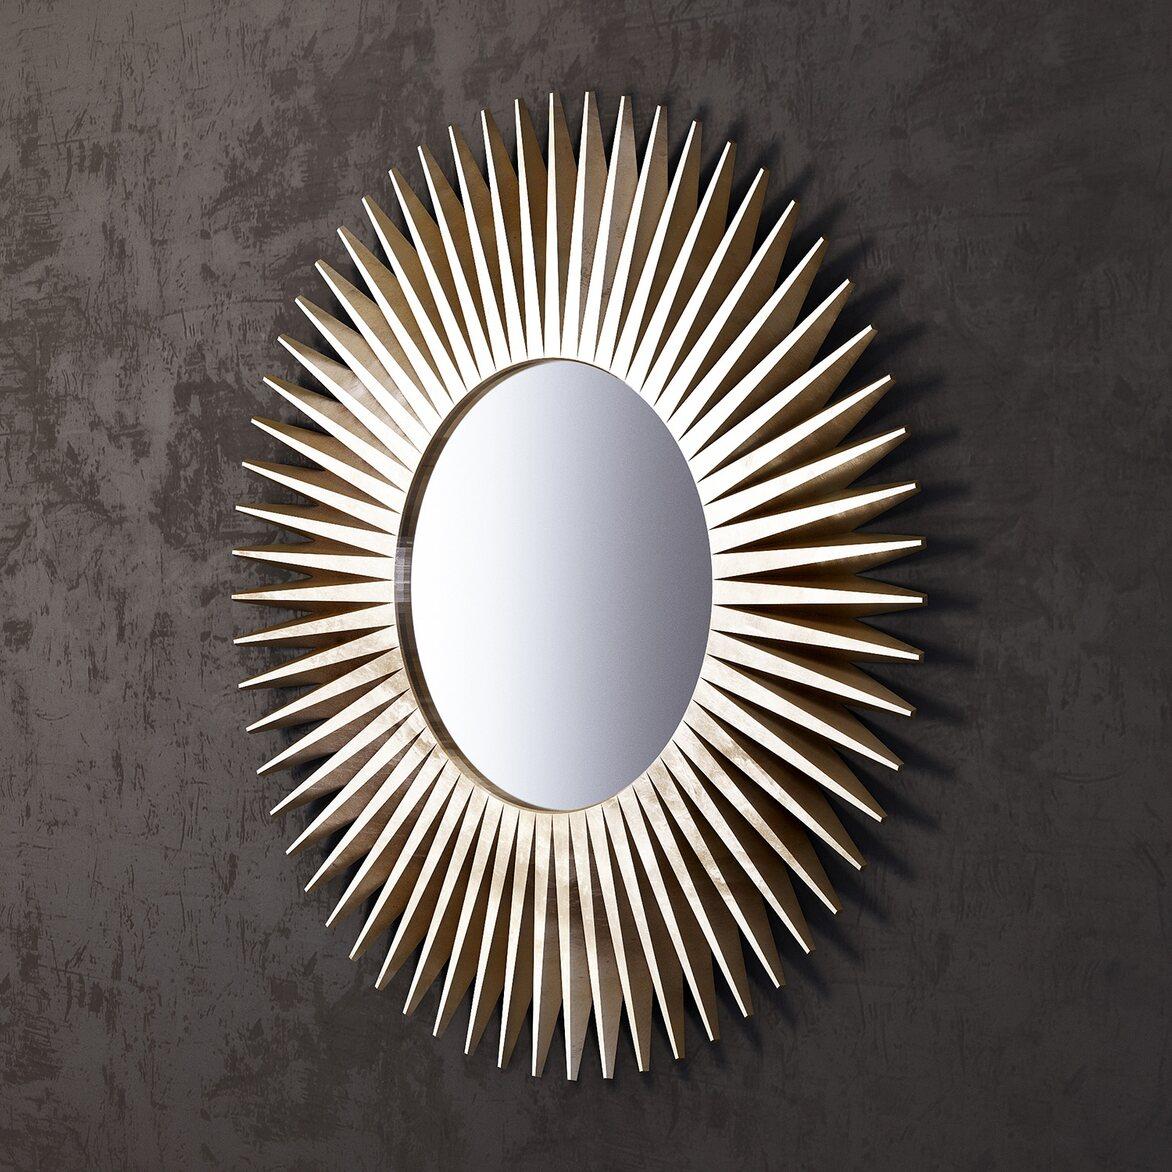 Зеркало-солнце Rays, золотое 2 | Настенные зеркала Kingsby